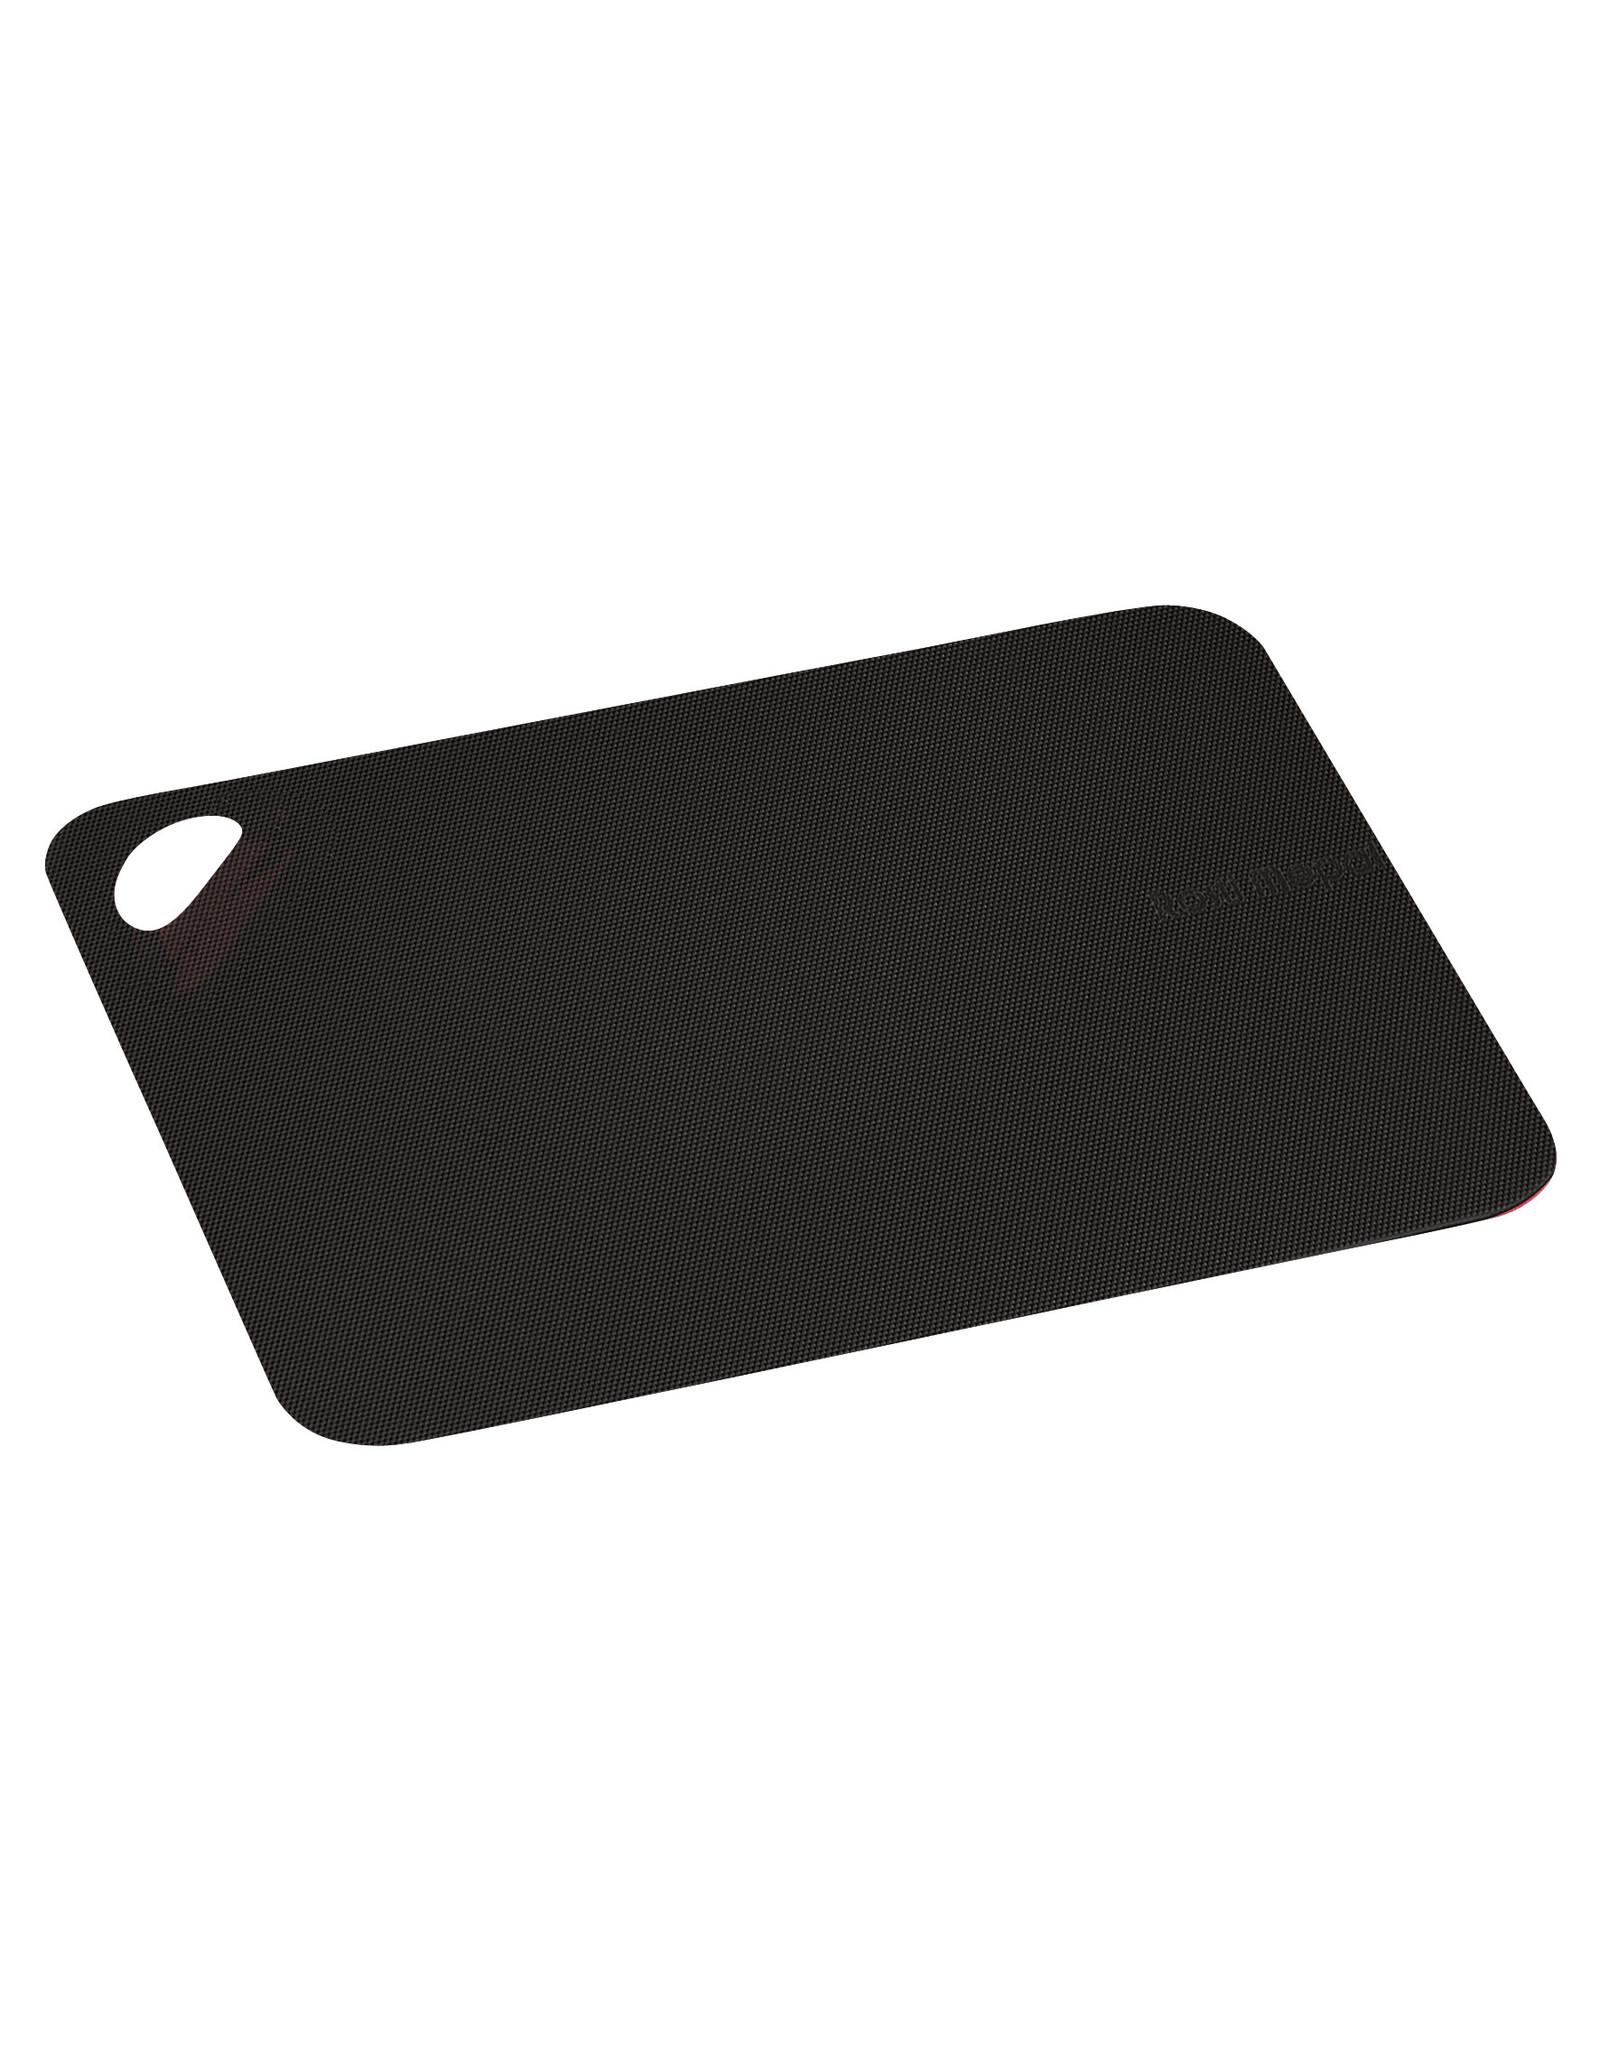 Zassenhaus Flexibele snijmat zwart 38x29